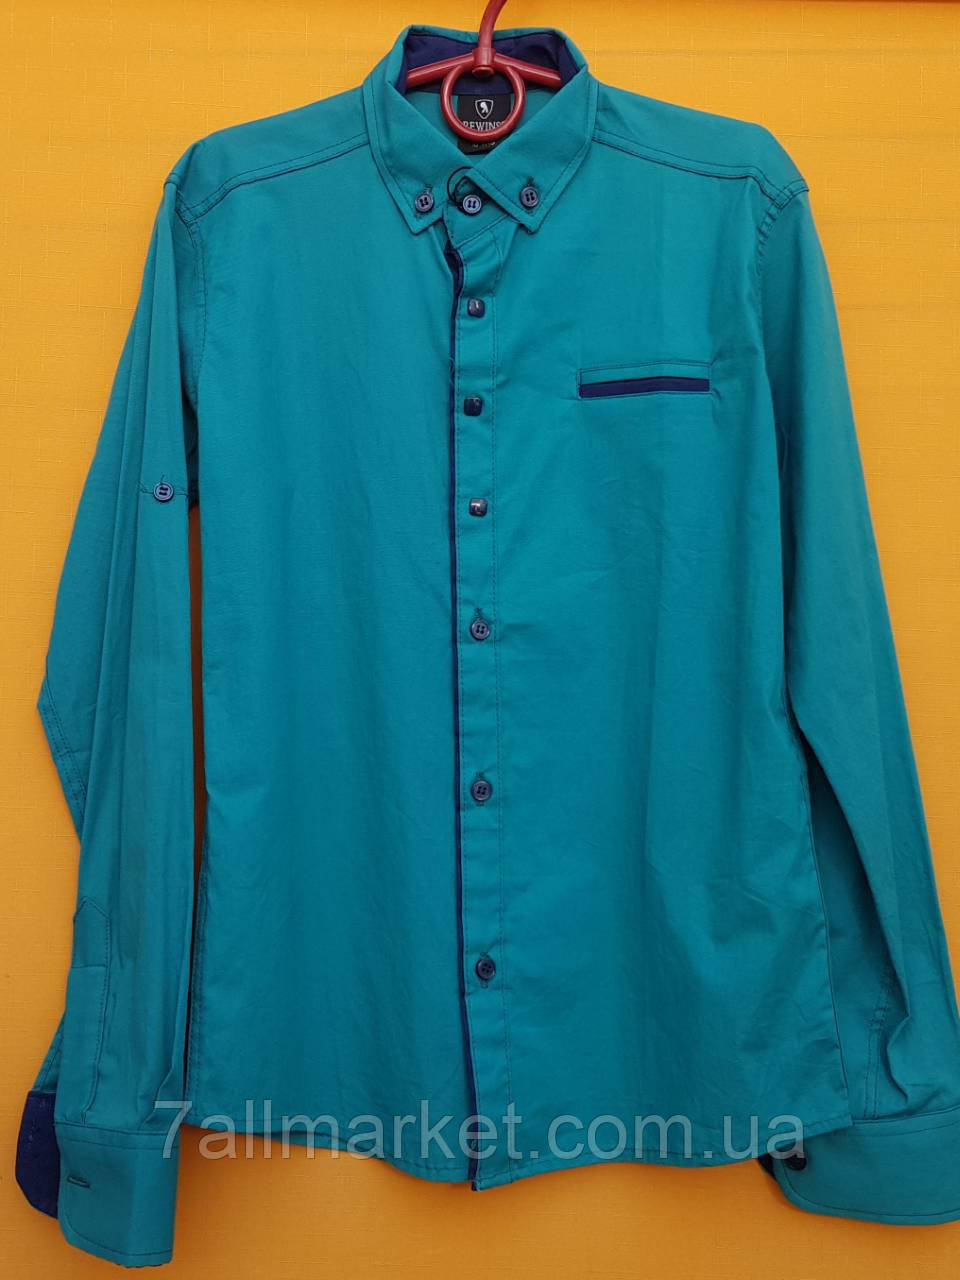 856e58a9ad5 Рубашка с длинным рукавом на мальчика 12-16 лет (2 цвета) Серии ...